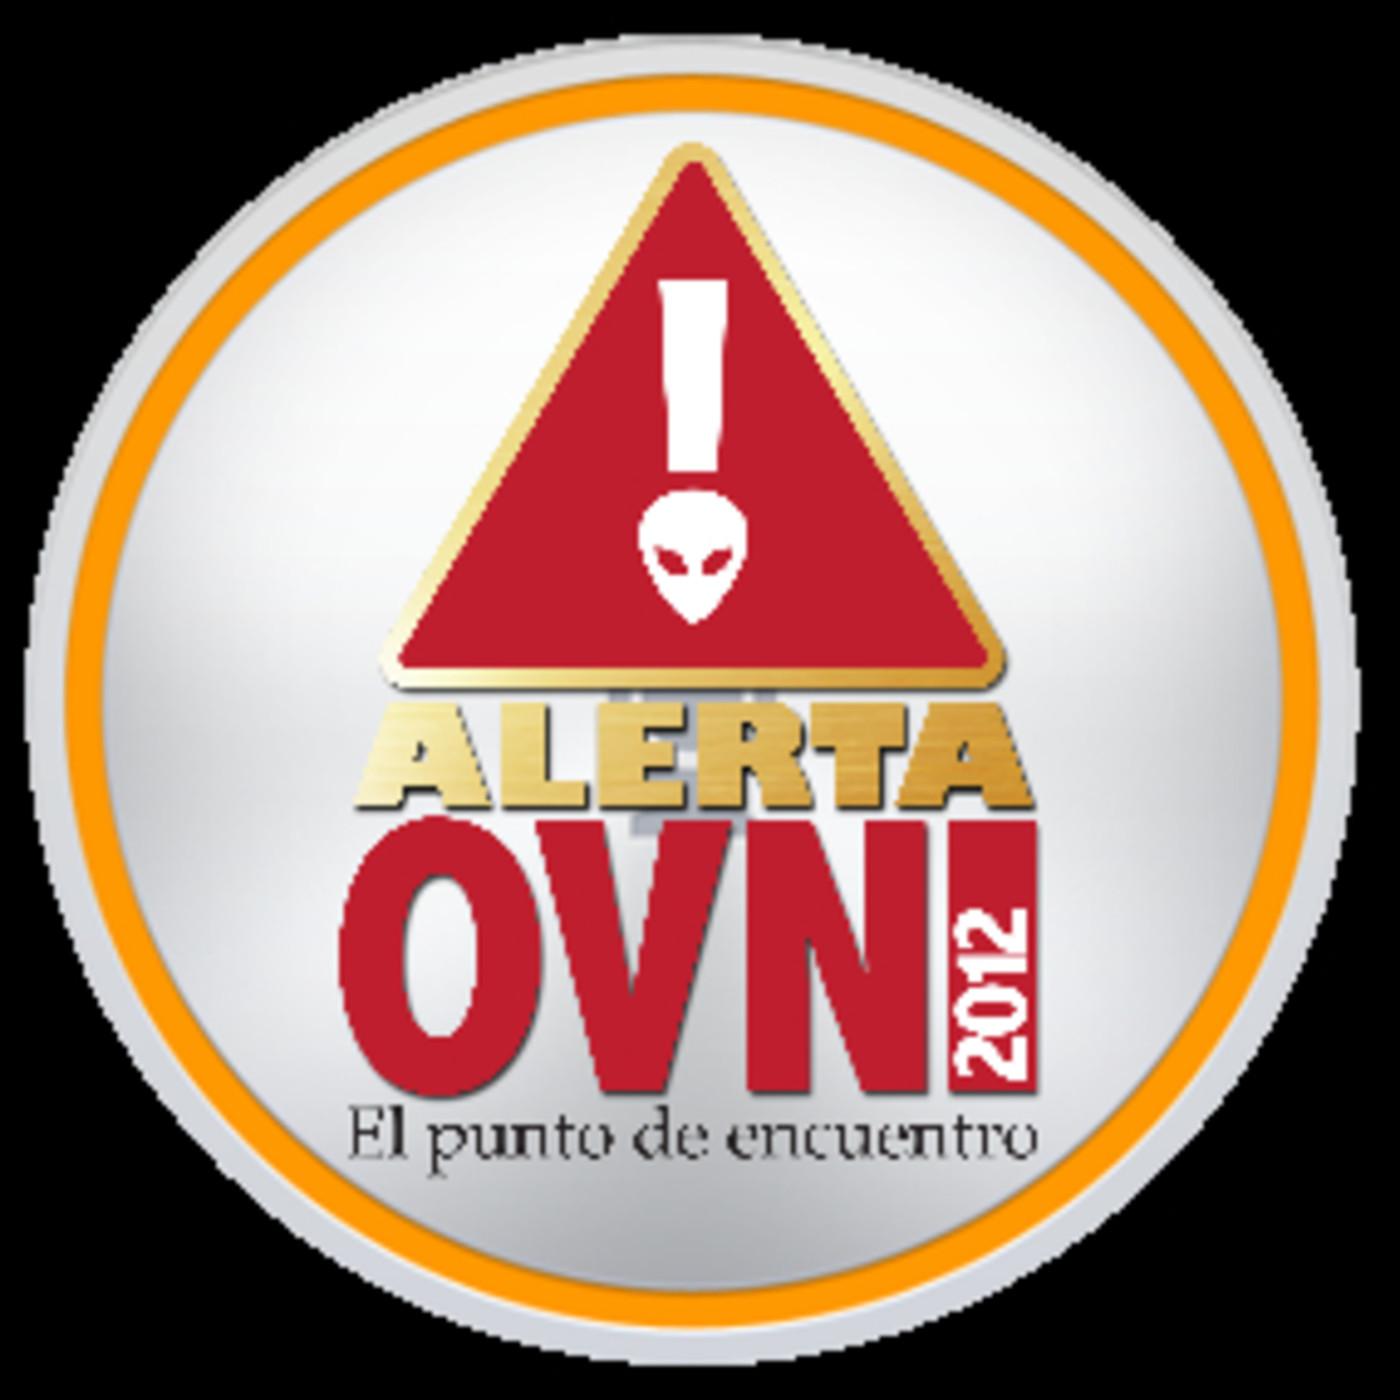 Alerta OvNi 2012 (Zello)